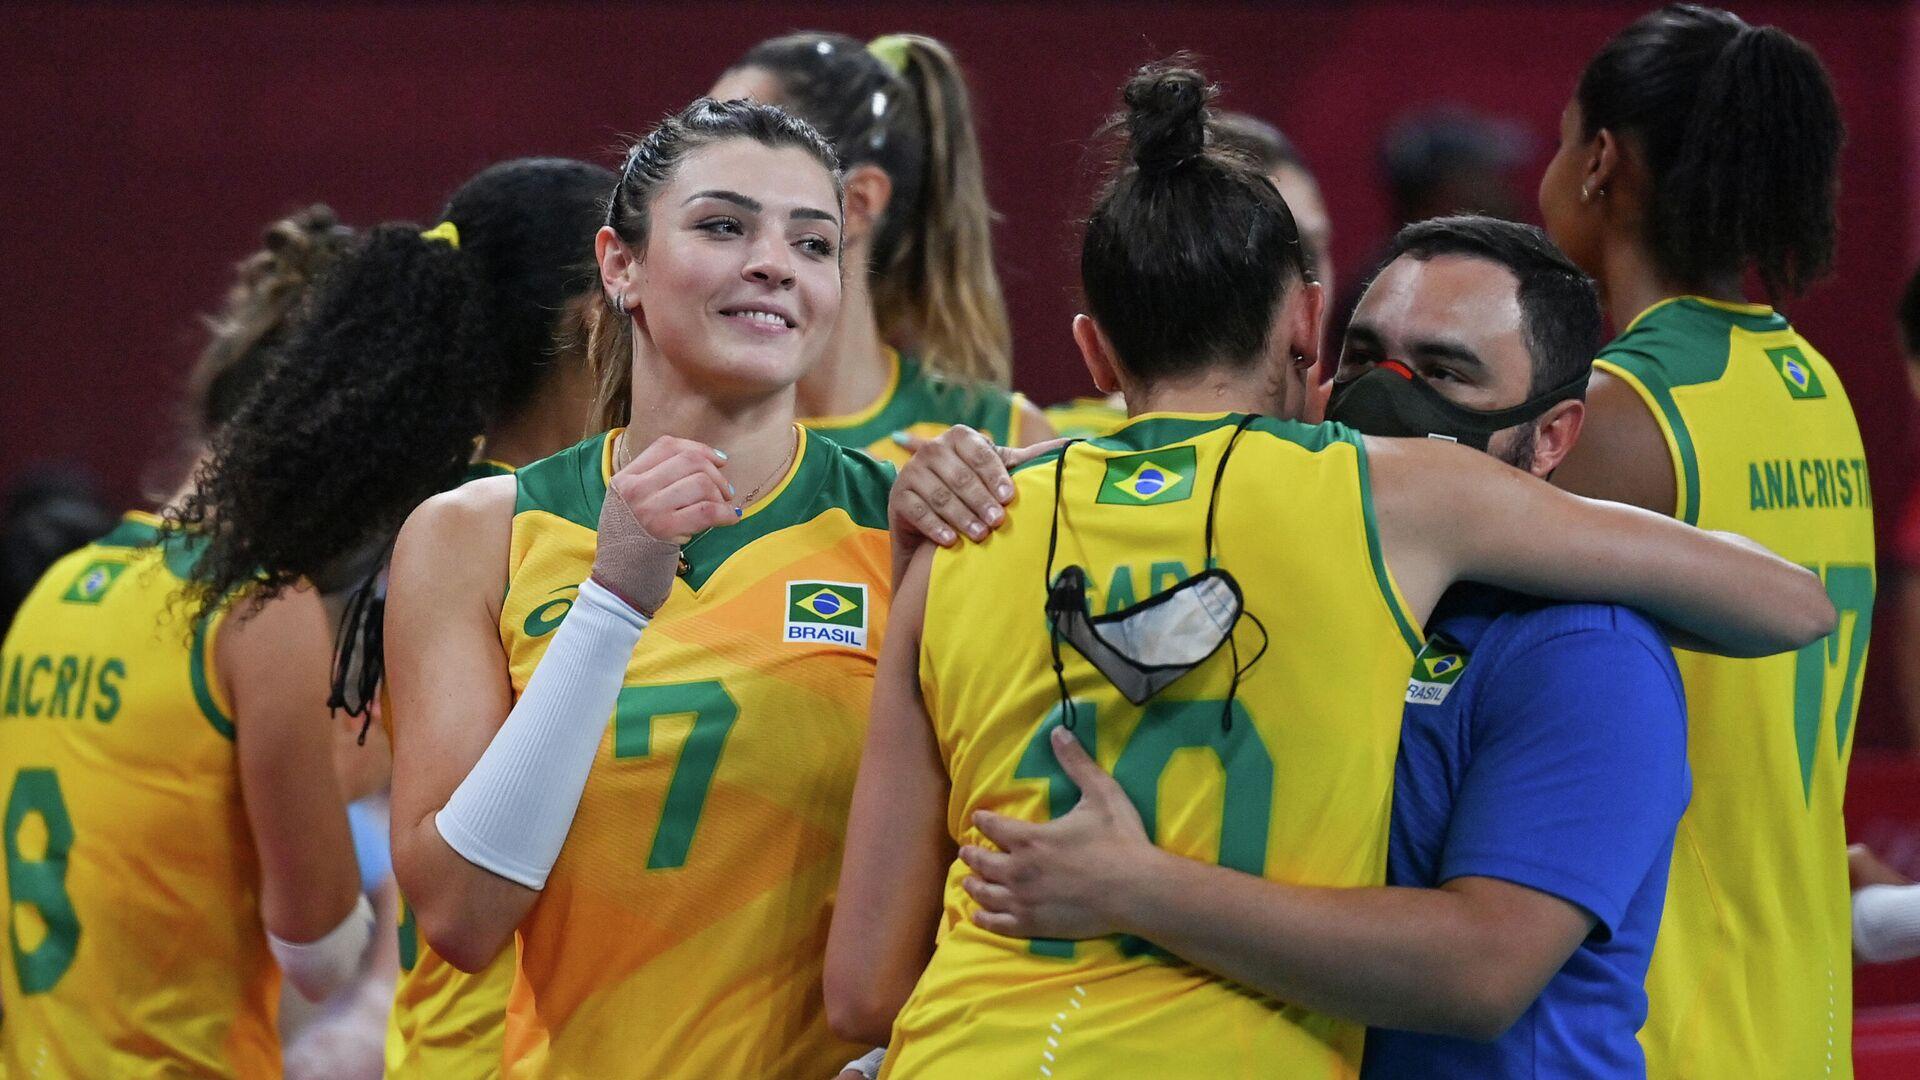 Женская сборная Бразилии по волейболу - РИА Новости, 1920, 02.08.2021